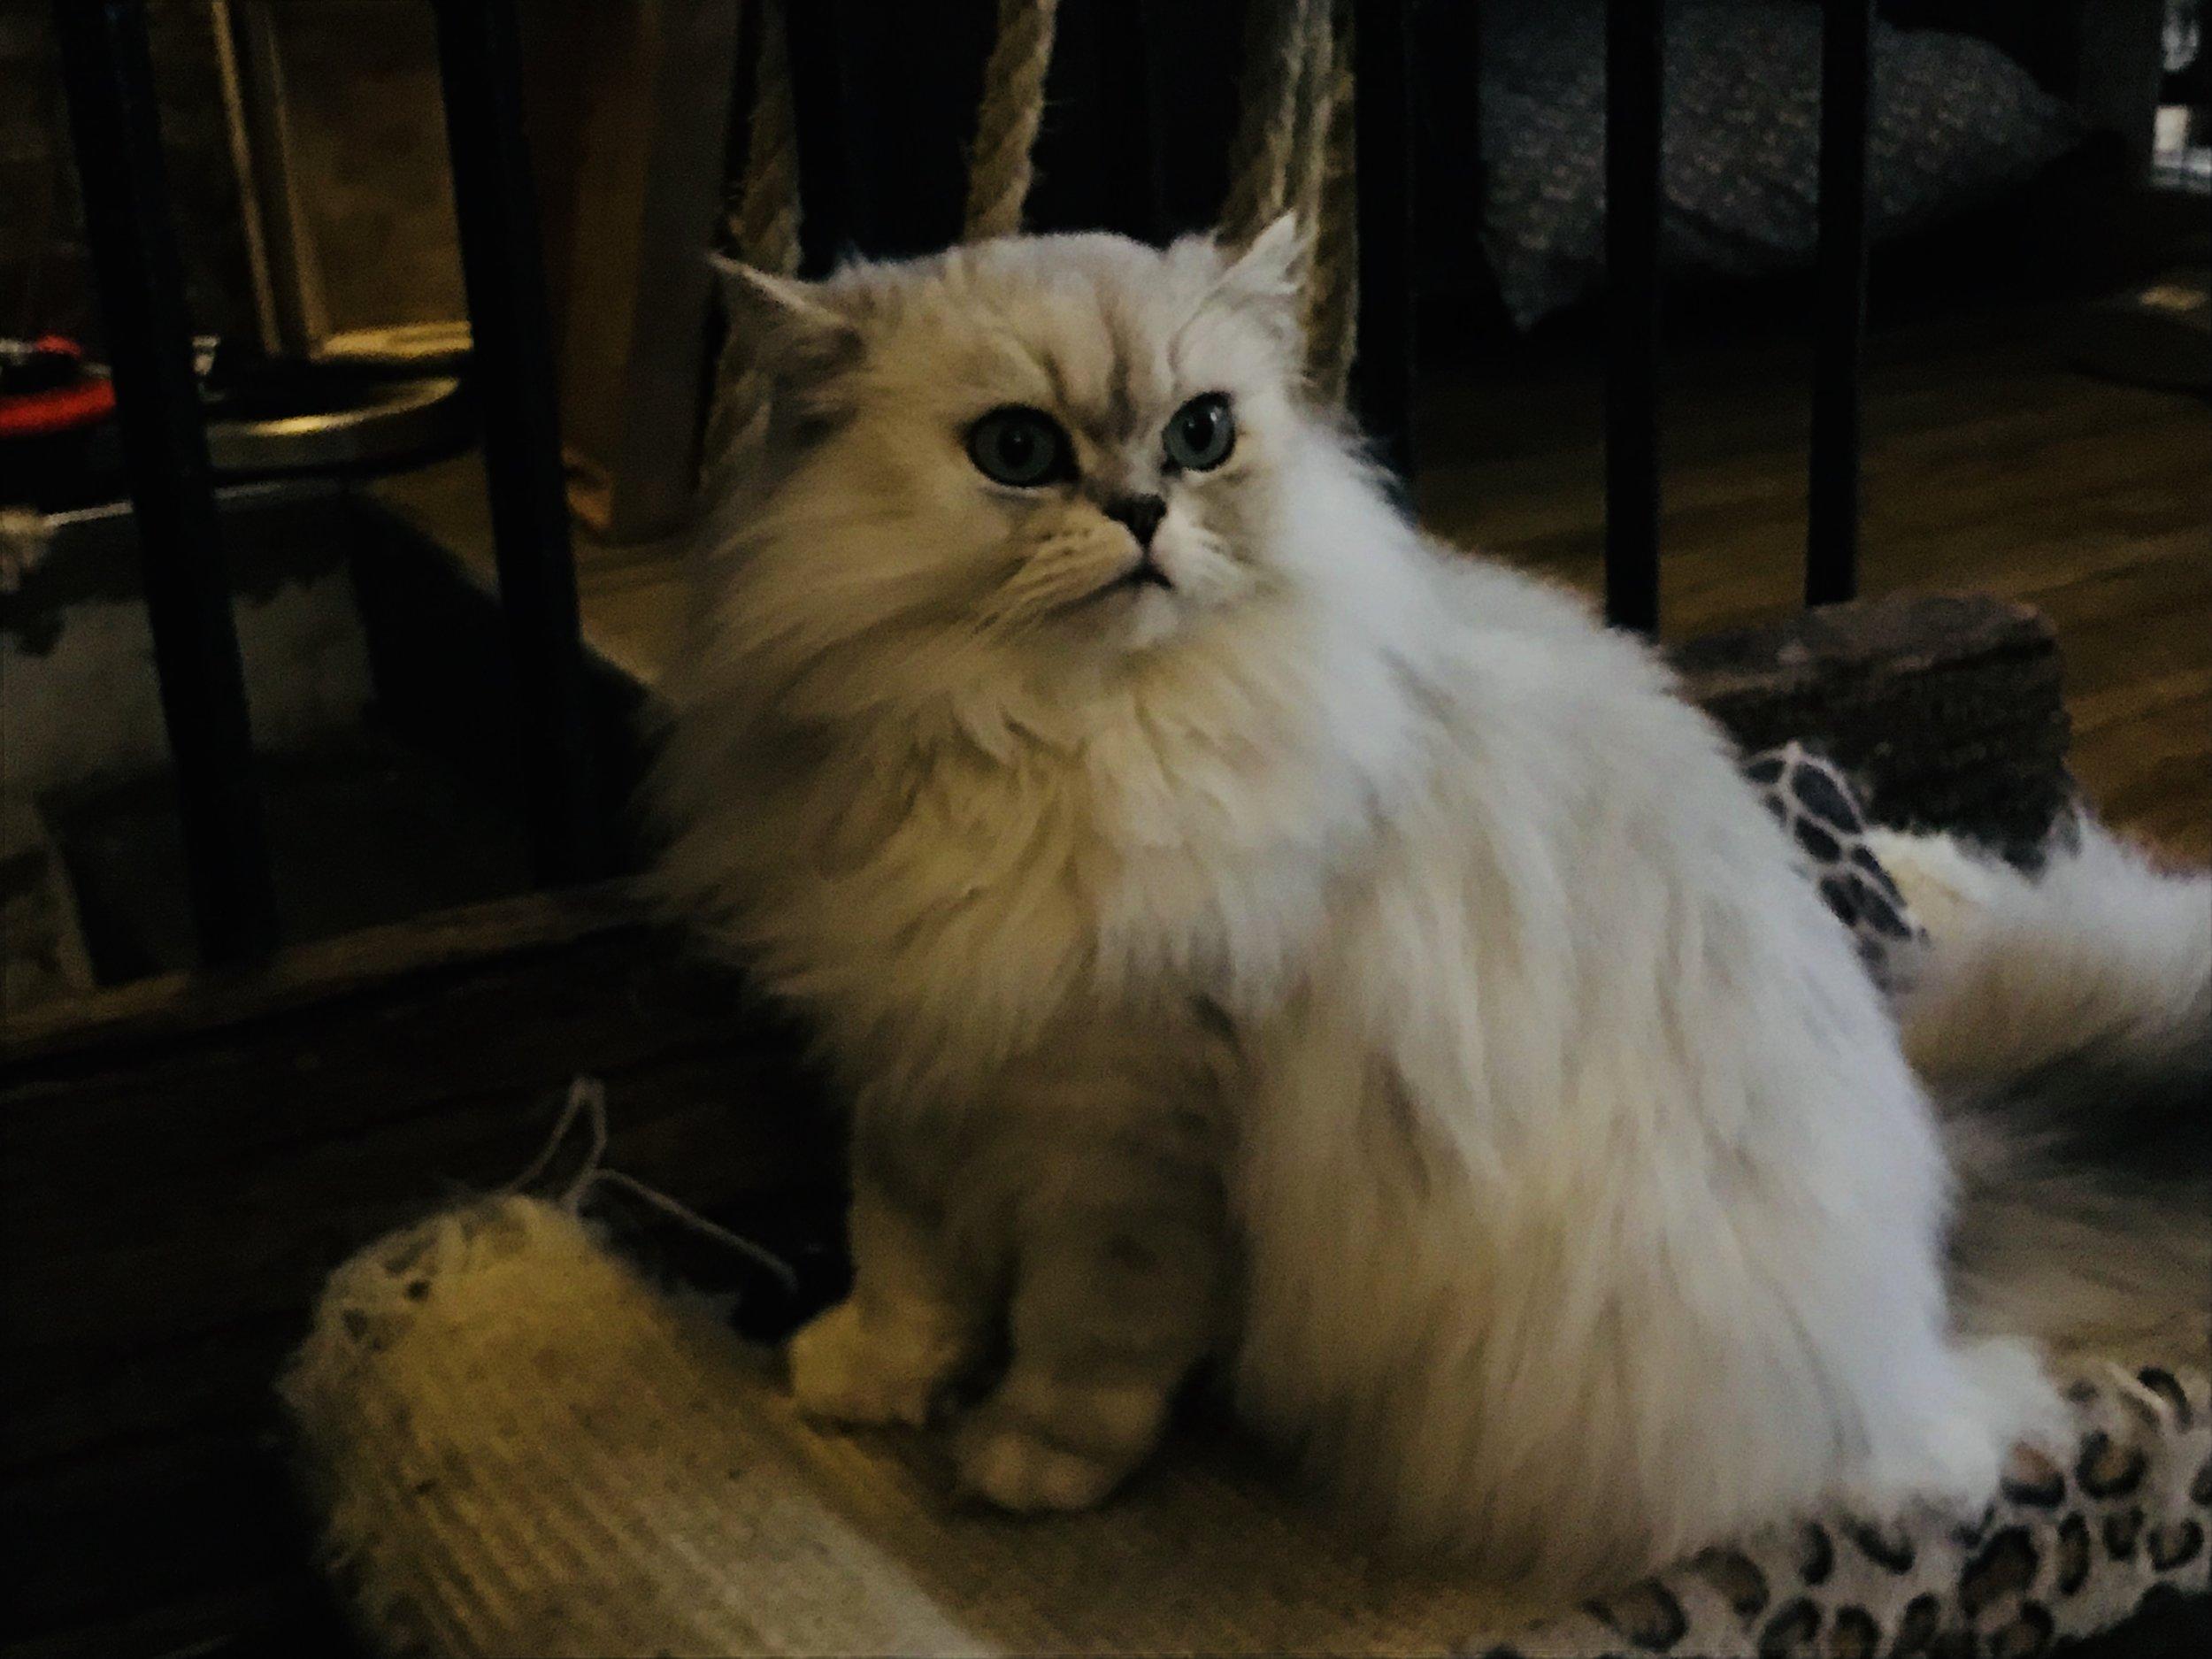 Misty:  Cat Village London